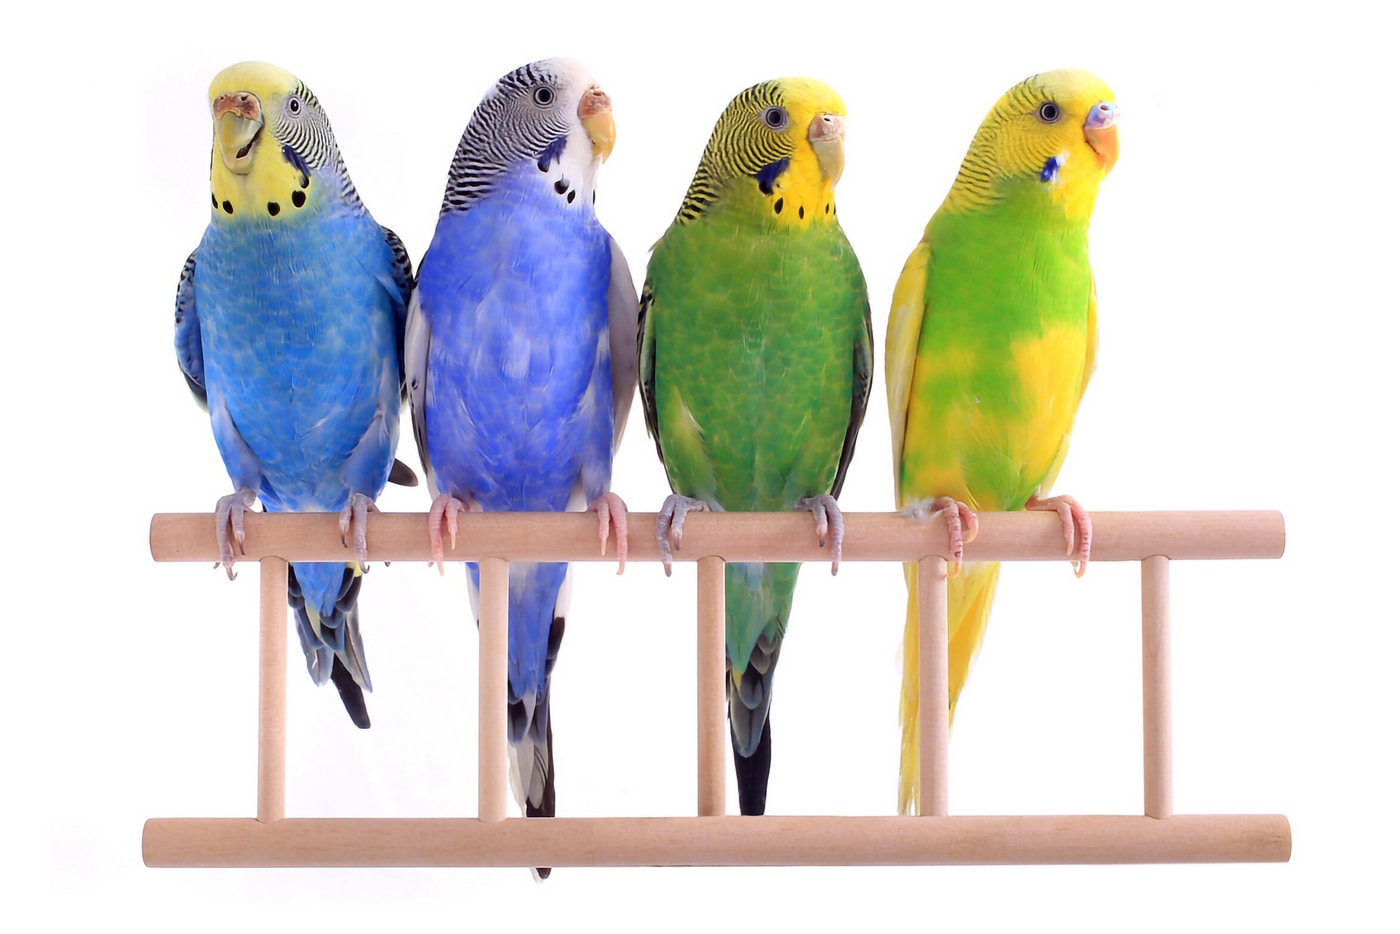 Four beautiful budgies - Parakeets